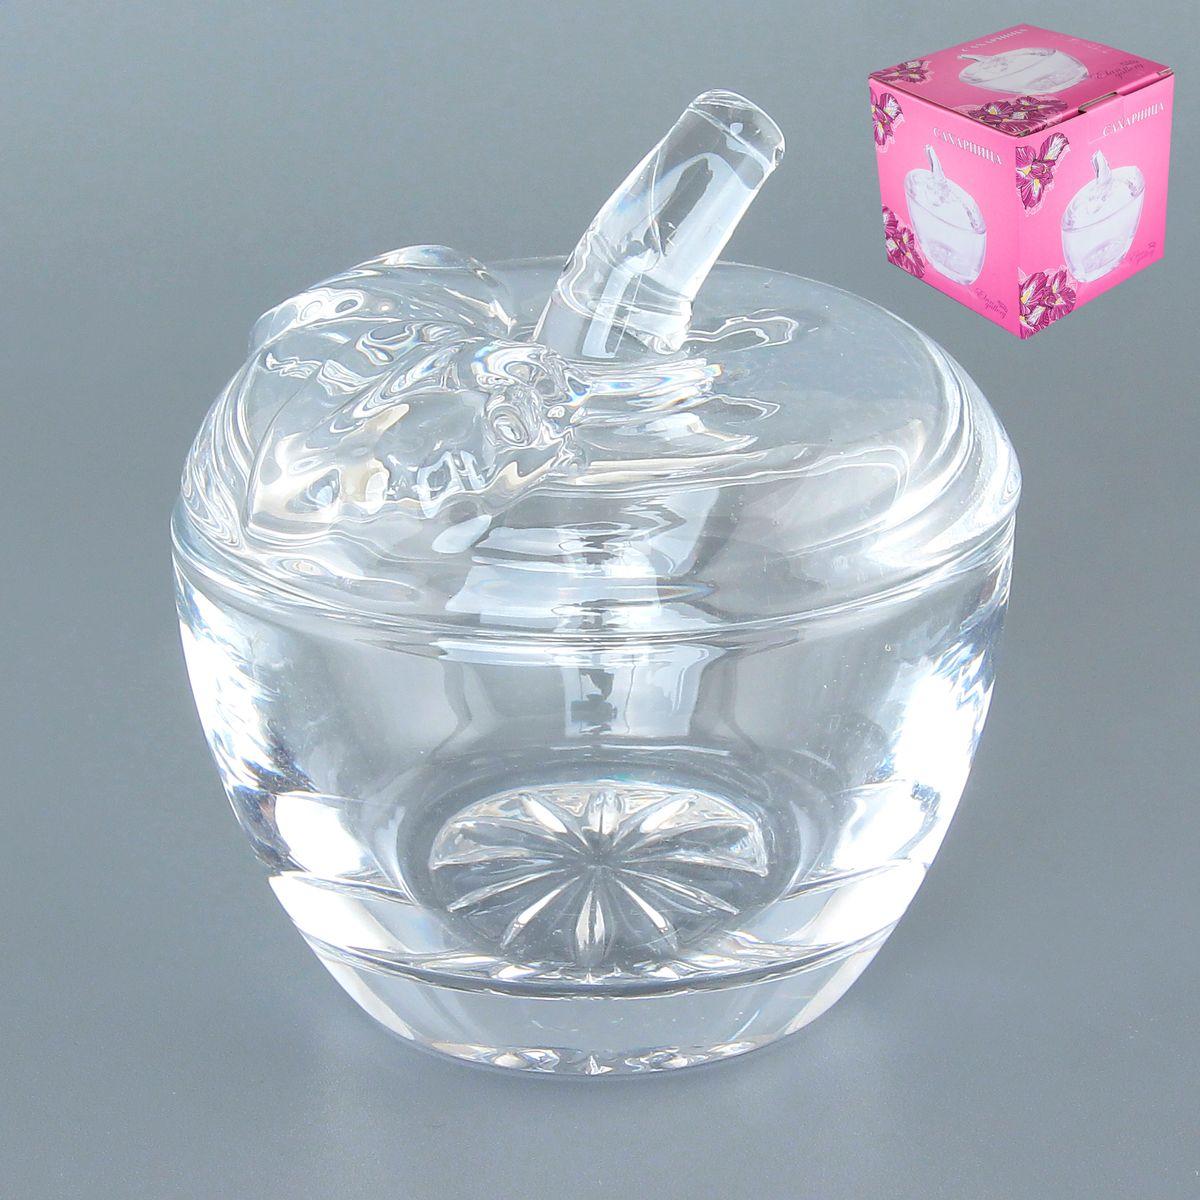 Сахарница Elan Gallery Яблоко, с крышкой, 250 мл890083Оригинальная сахарница в форме яблока изготовлена из прозрачного стекла. Придаст легкость и воздушность сервировке стола и создаст особую атмосферу праздника. Сахар, мед, изюм, орехи будут необыкновенно красиво смотреться в ней, и вы всегда можете увидеть, сколько продукта осталось в емкости. Не важно, какая у вас посуда - в цветочек, белая, цветная, в горошек или полоску, посуда из стекла подойдет к любой. Диаметр сахарницы (по верхнему краю): 10 см. Диаметр основания: 6 см. Высота сахарницы (без учета крышки): 7 см. Высота сахарницы (с учетом крышки): 11 см. Объем сахарницы: 250 мл.